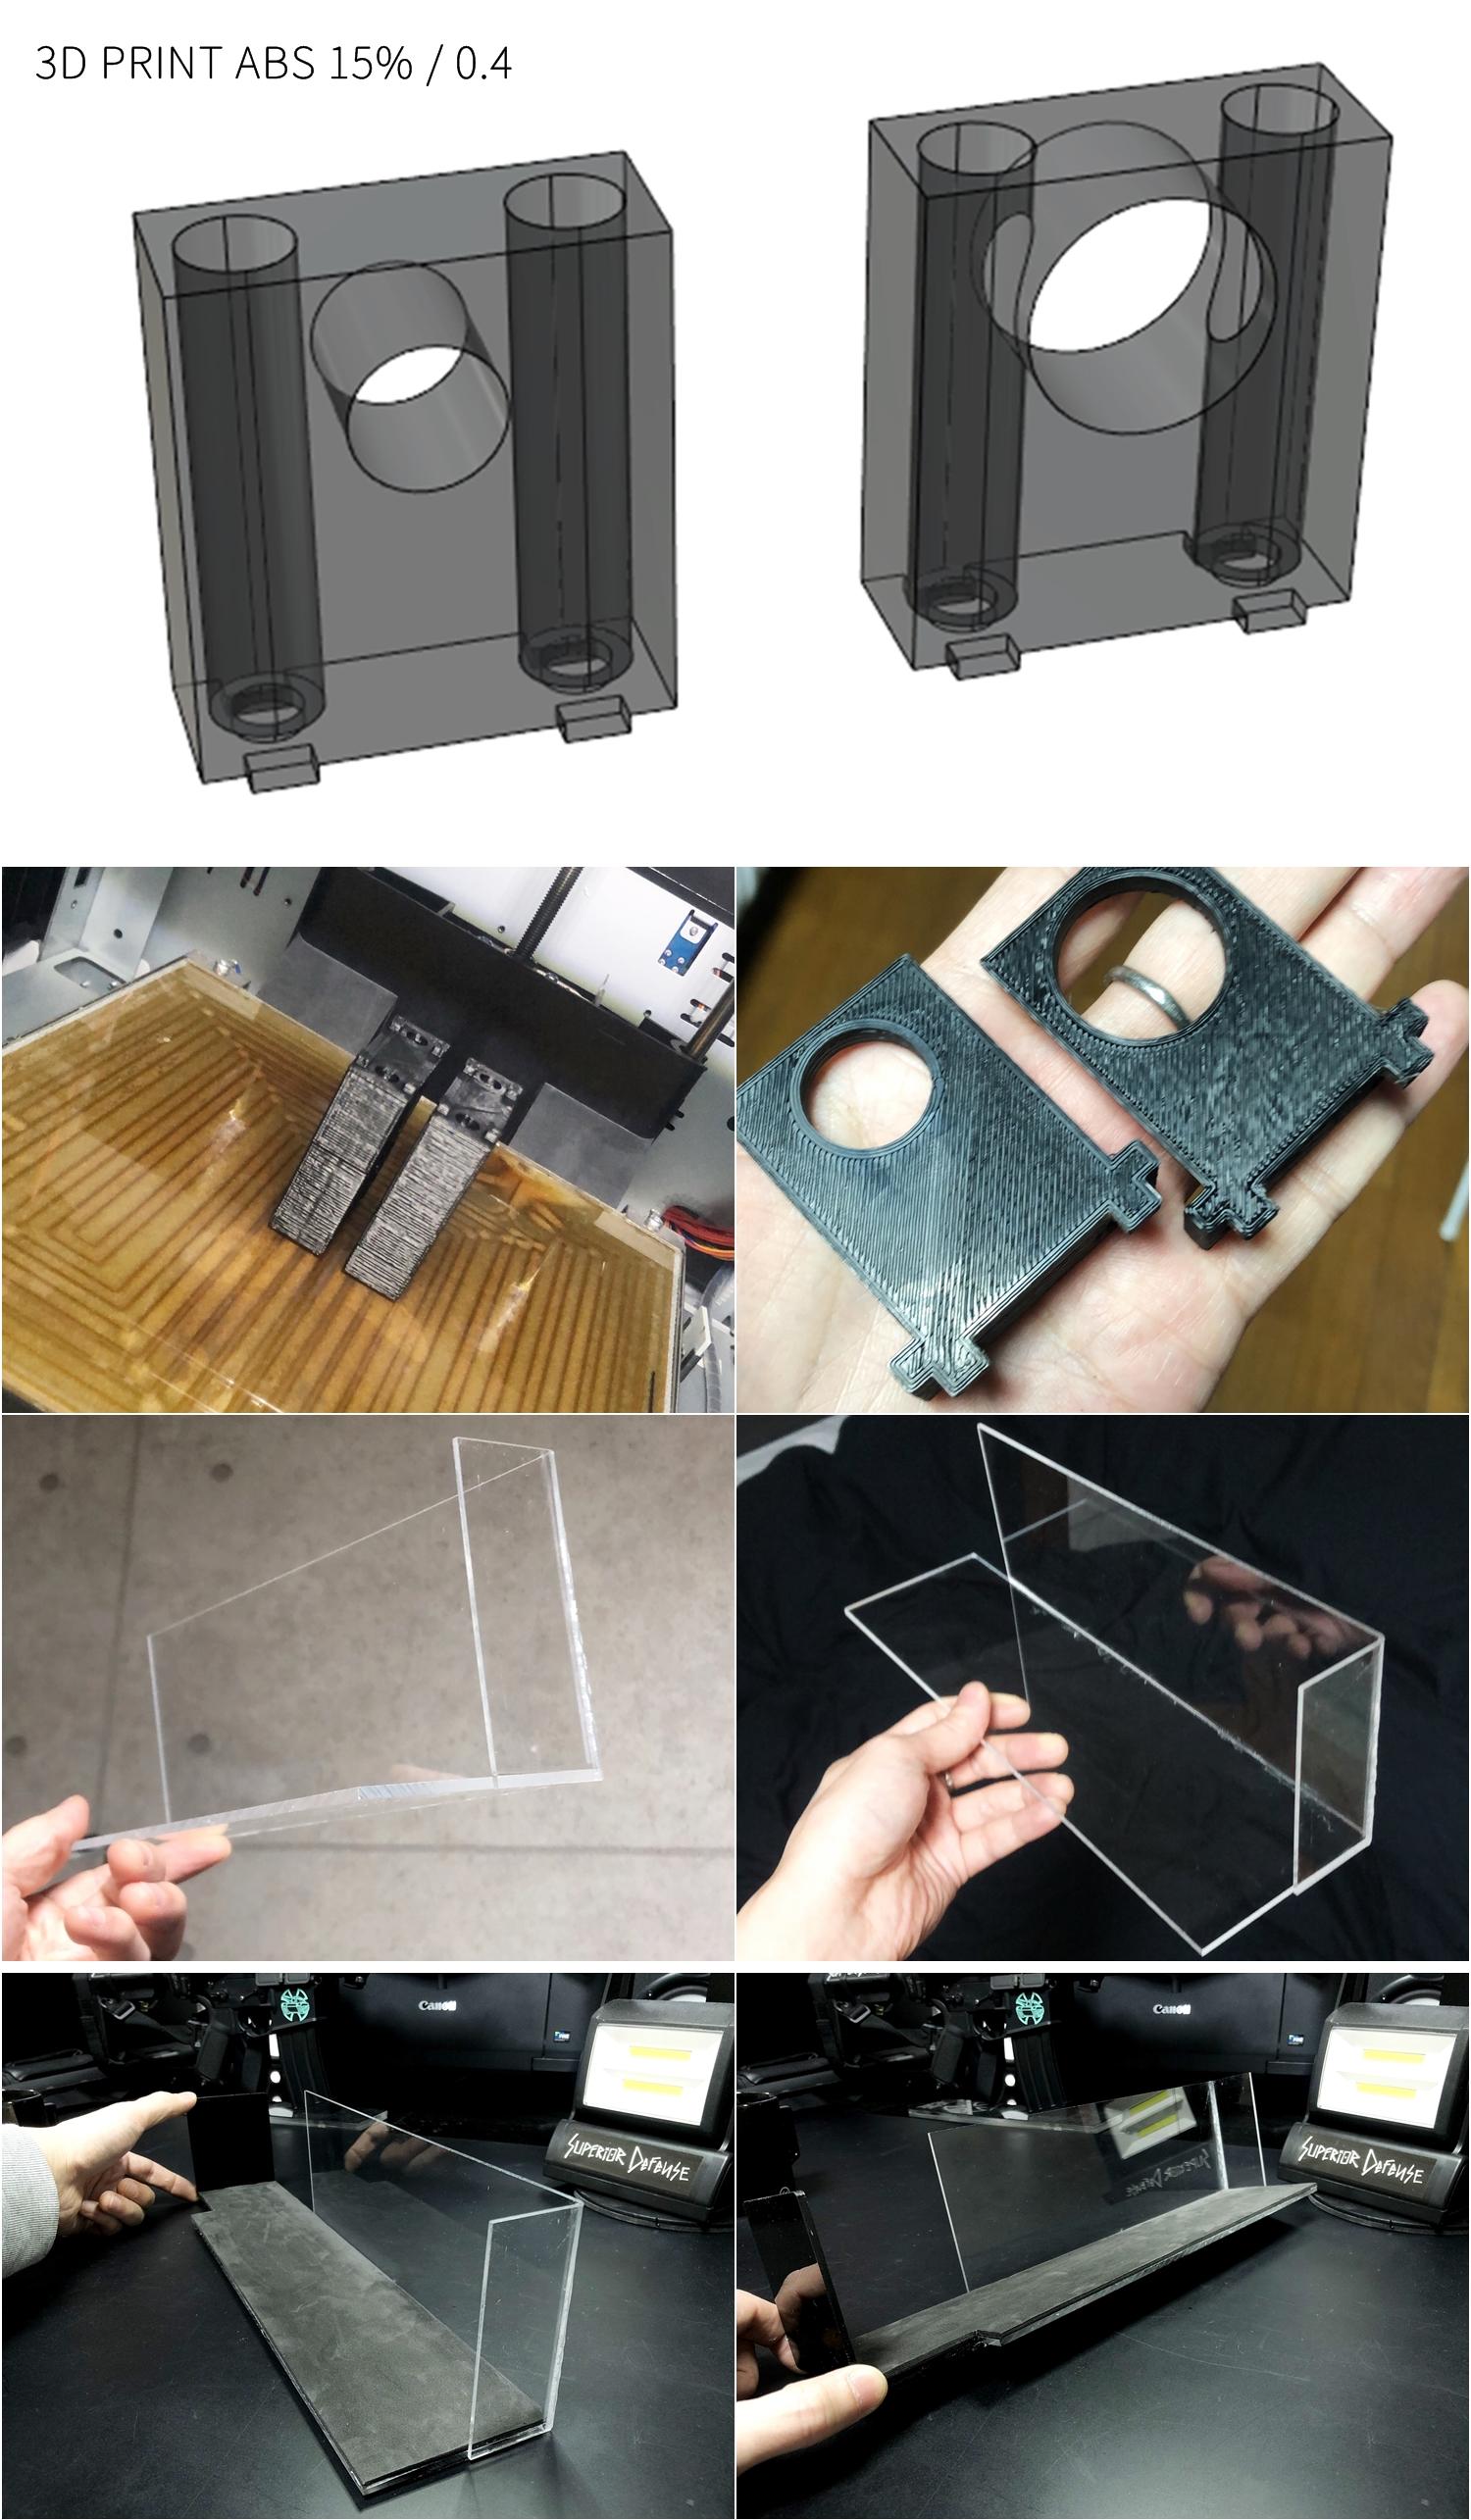 6 実物 NOVESKE AR-15 TAKEDOWN & PIVOT STEEL PIN!! 実物ピンを次世代M4へ対応させるべく簡易的DIY加工だ!ノベスケ ノベスキー スチール テイクダウン ピポッドピン! DIY 加工 カスタム 簡易的 旋盤加工 取付 レビ